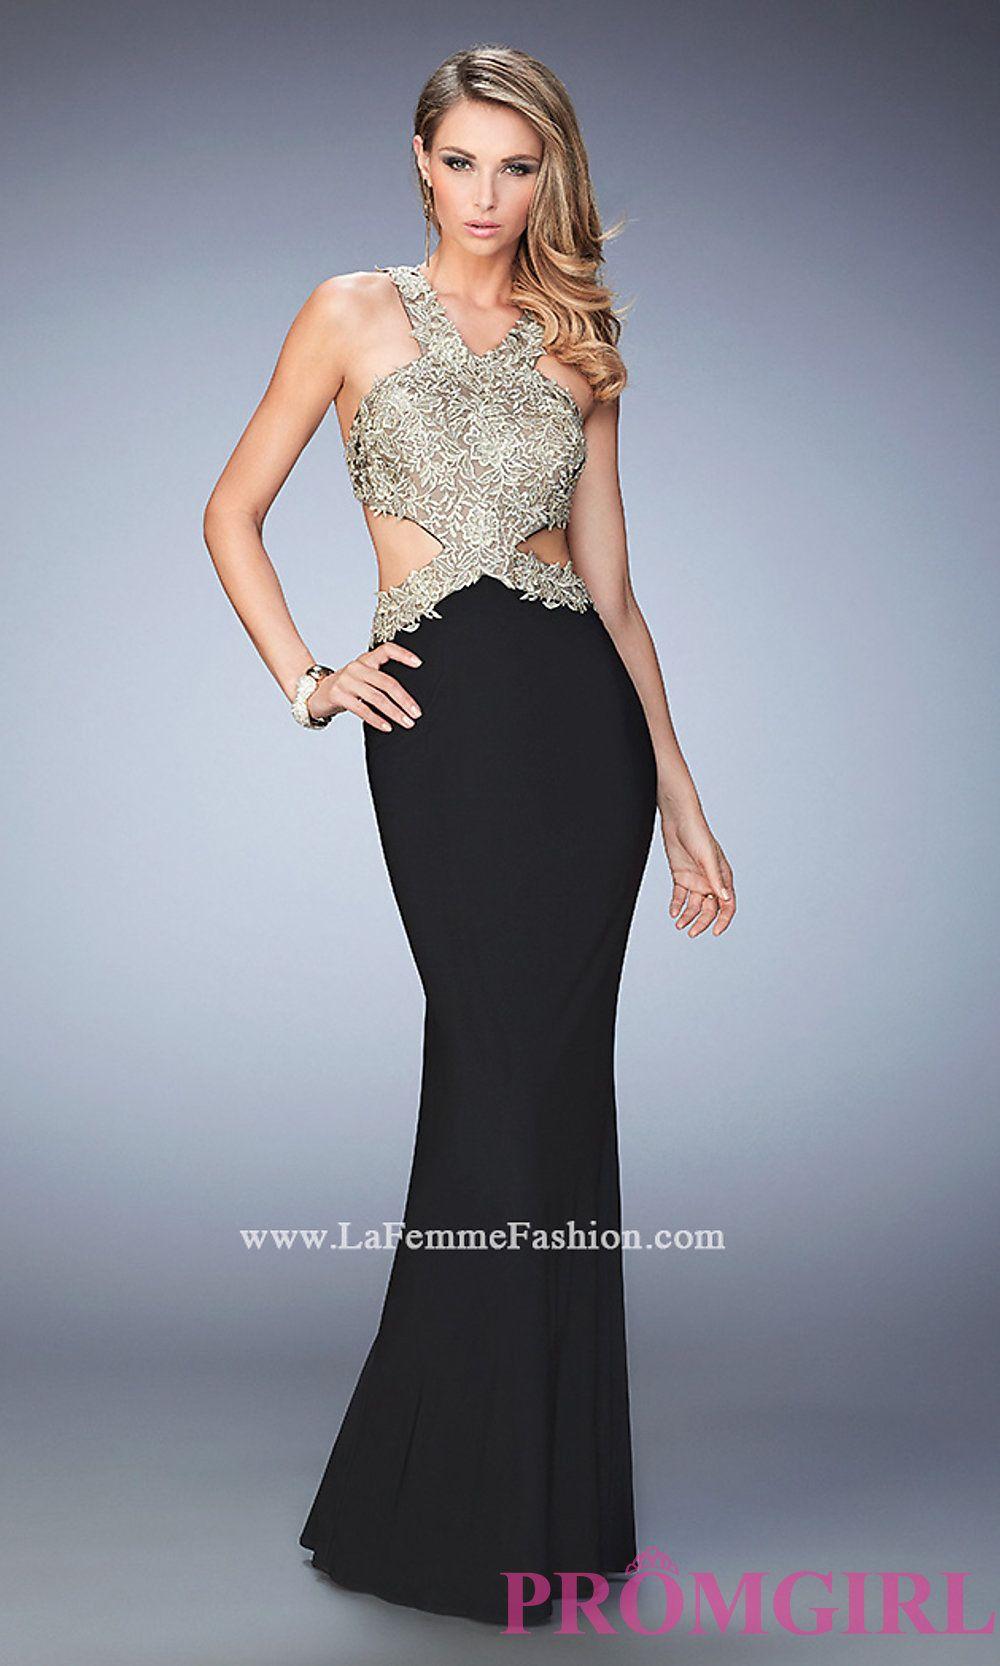 ff87917cb1f Open Back Long V-Neck Jersey Prom Dress by La Femme Style  LF-22325 ...